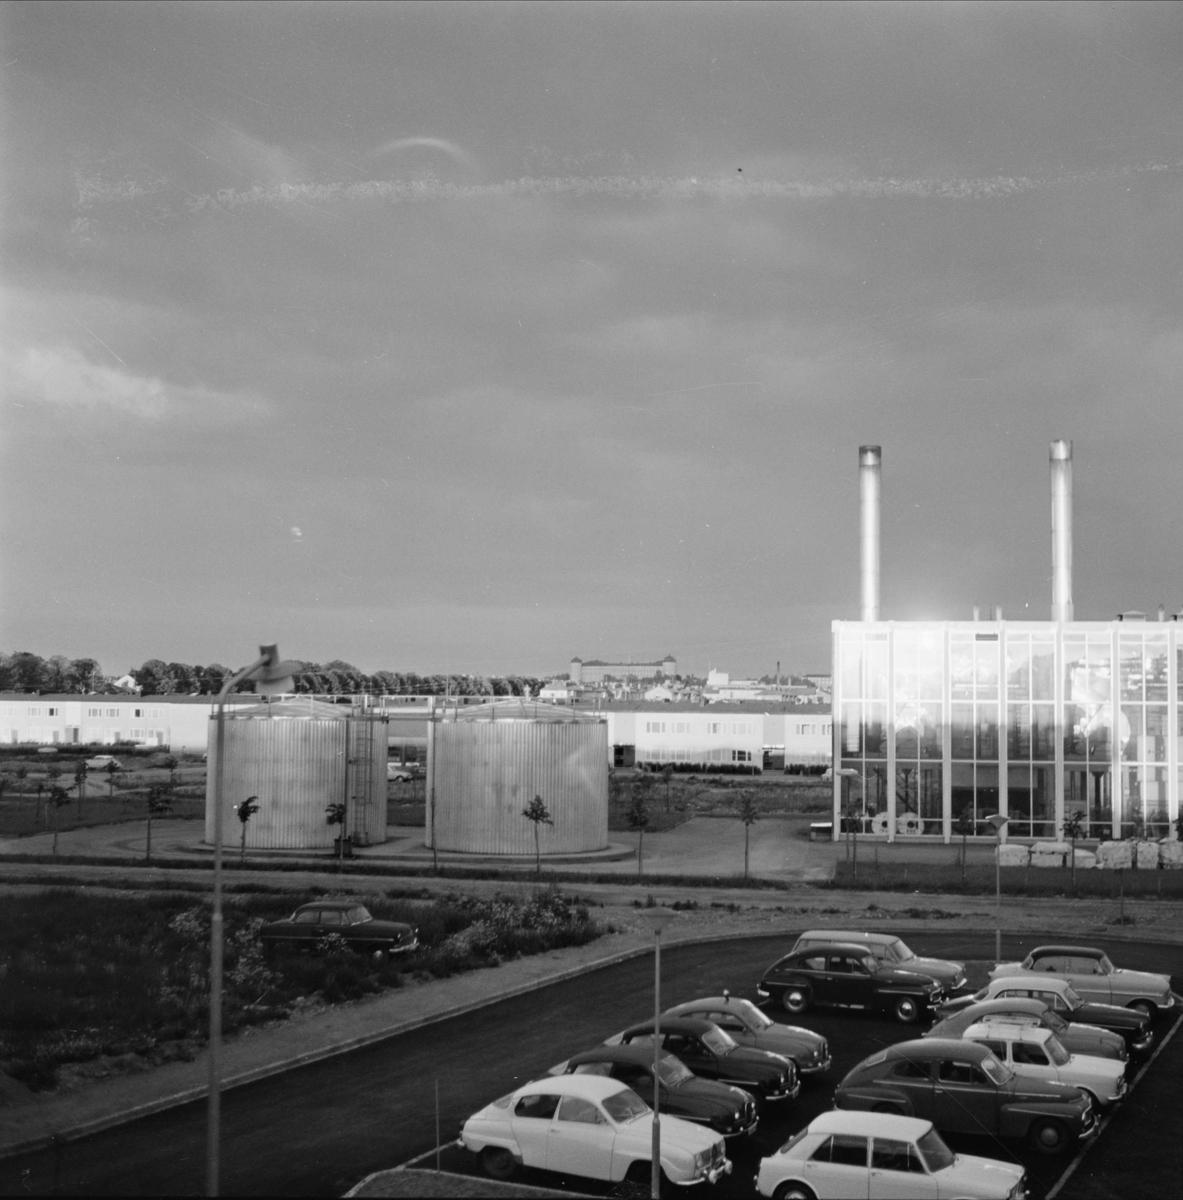 Värmekraftverk, kvarteret Åskan, Gränby, Uppsala